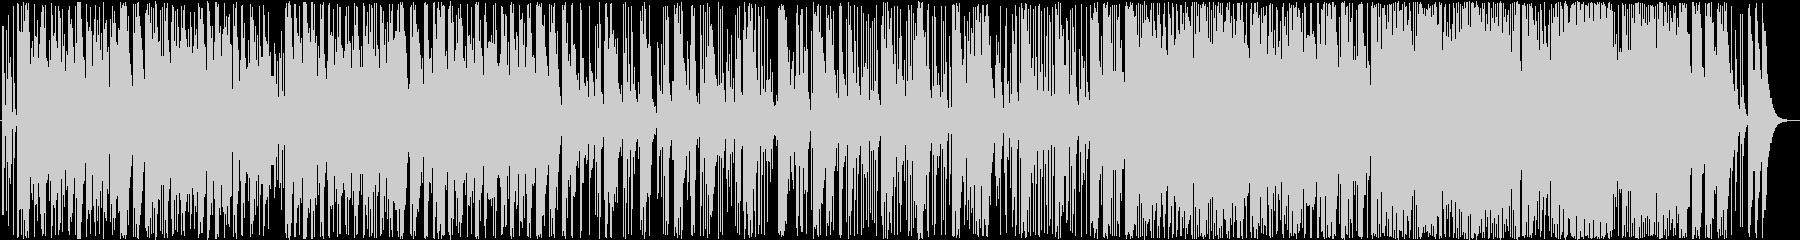 展開のある和太鼓曲(ループ可)の未再生の波形